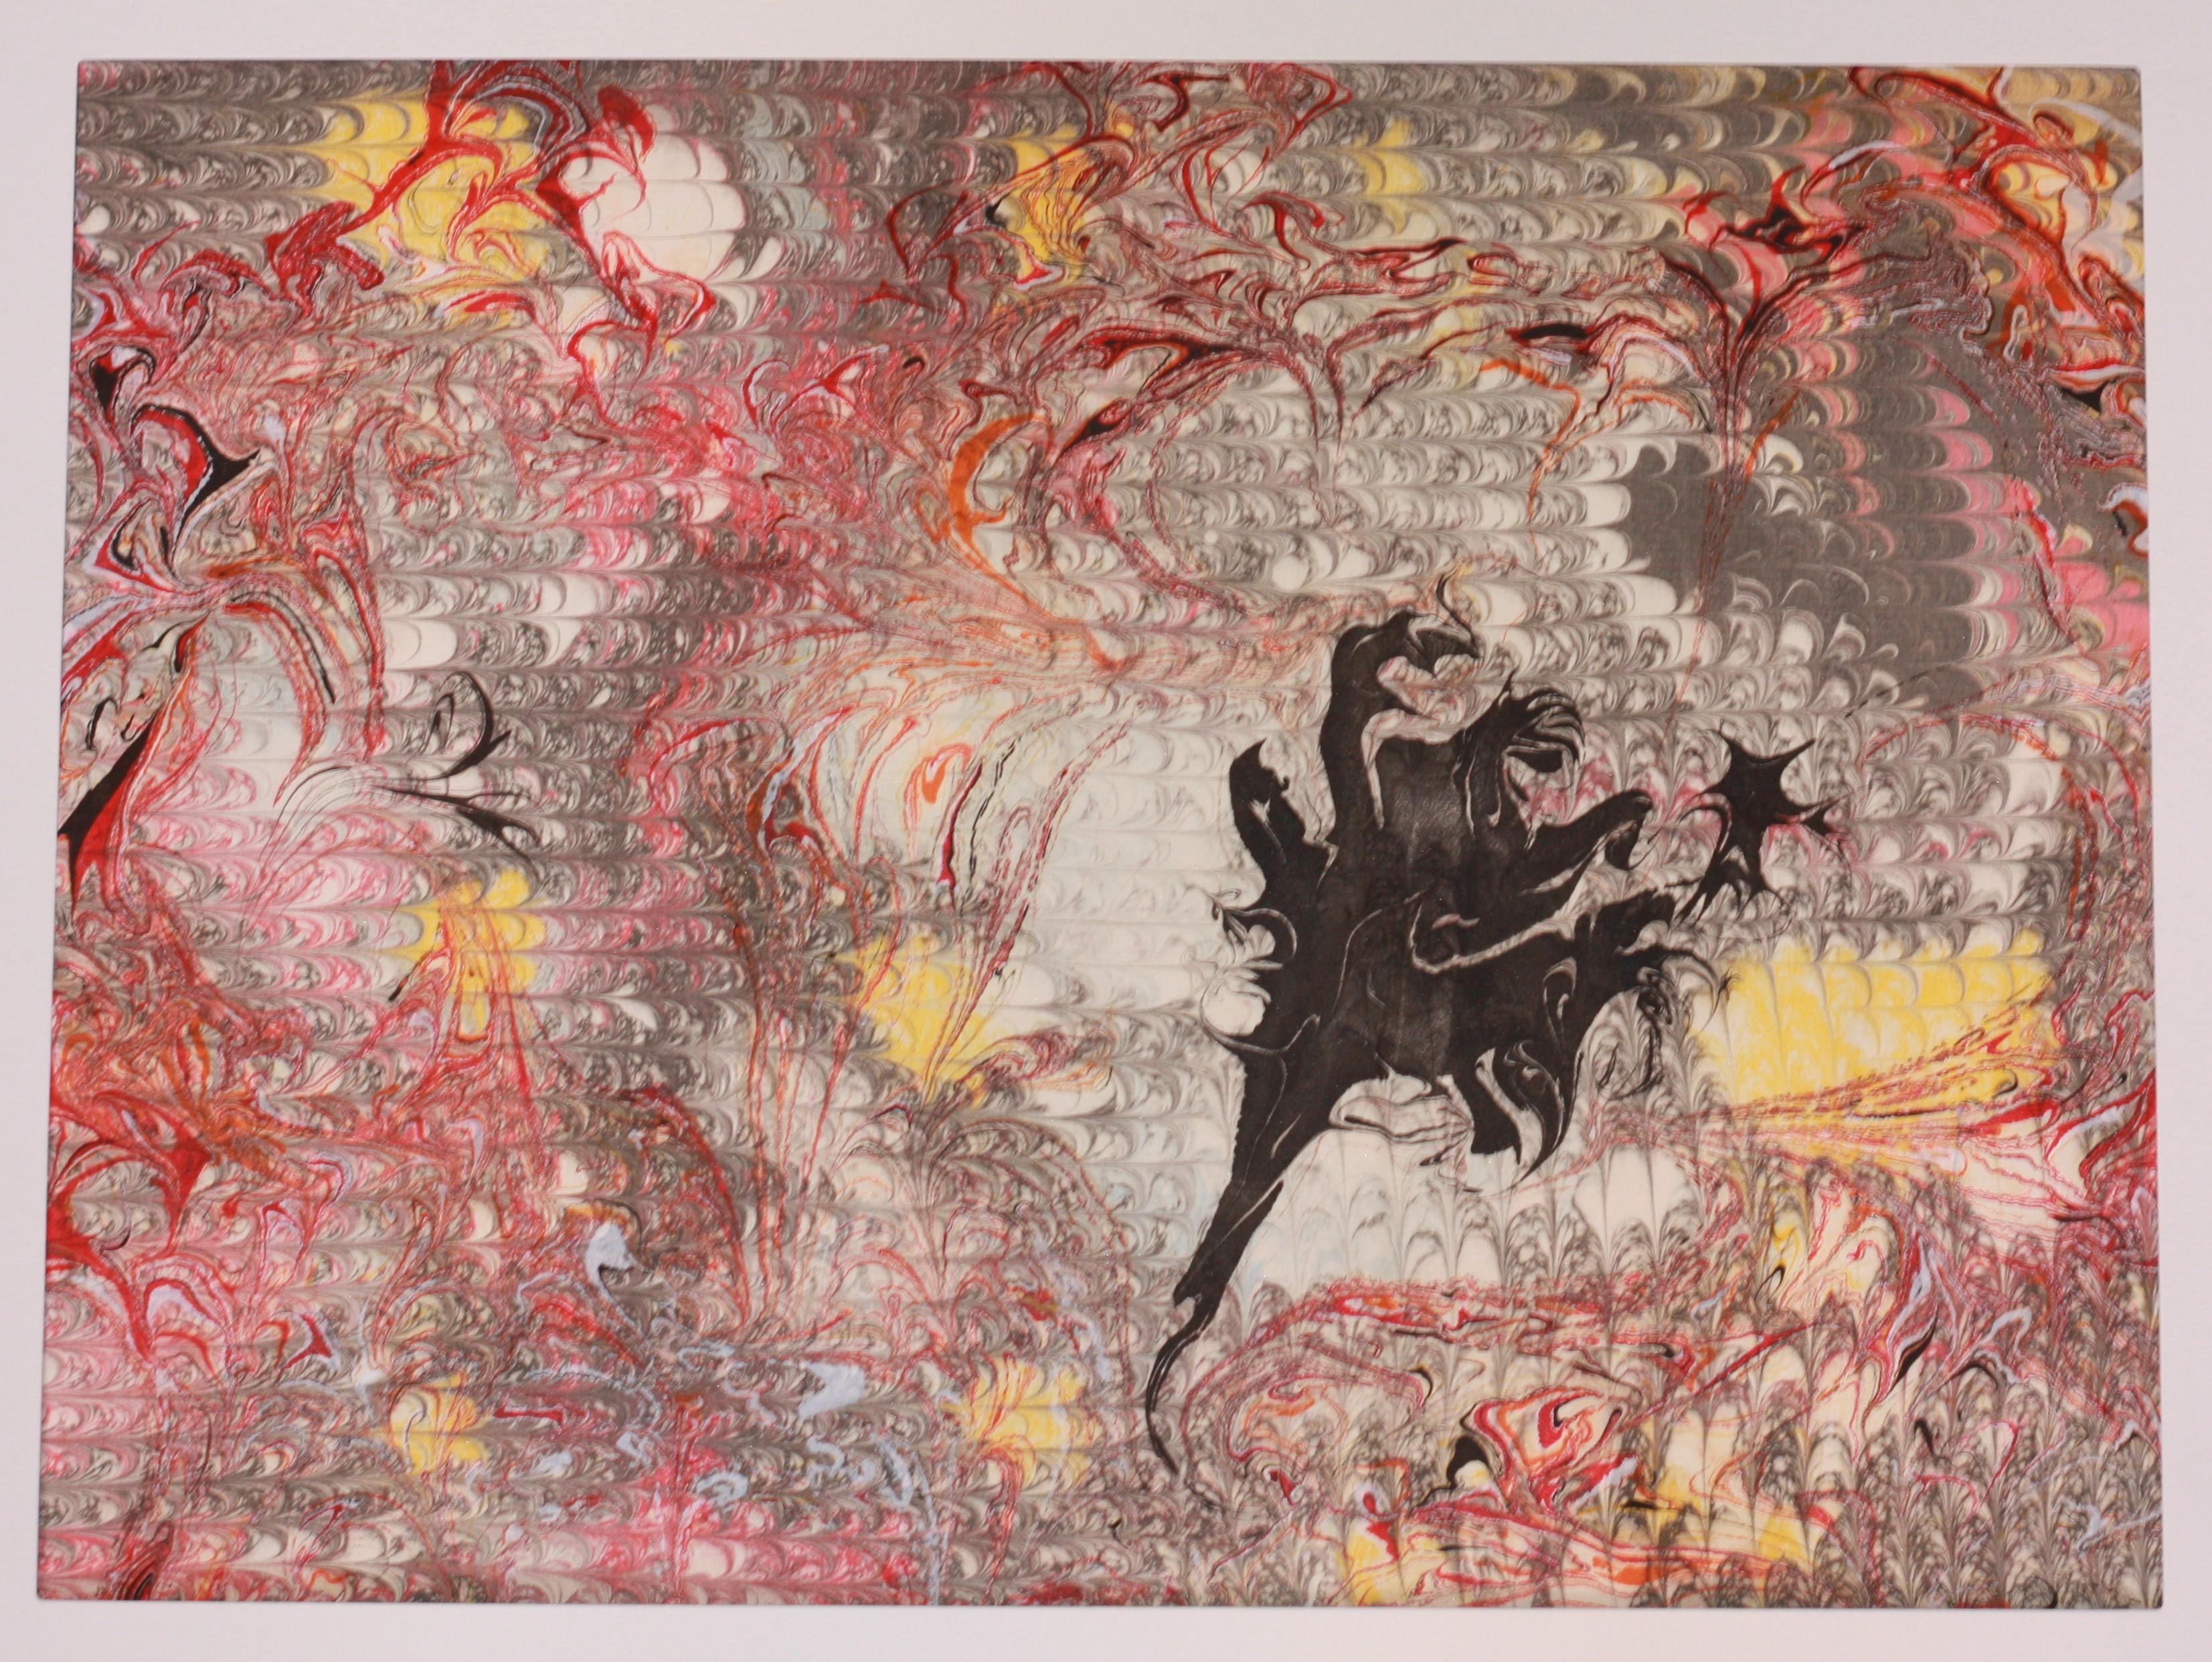 Double passage - Papier marbré rouge - motif dragon ebru - C Coyez